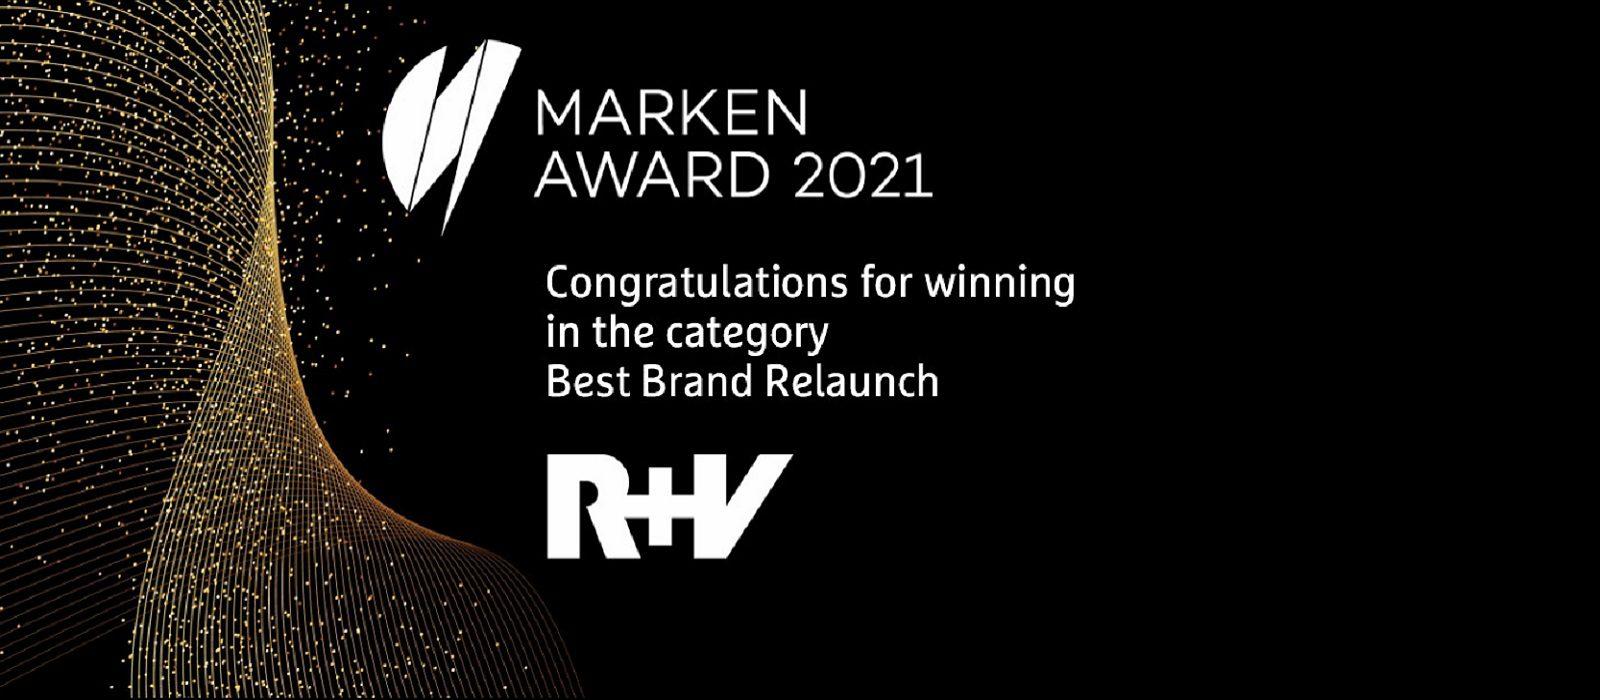 R+V BestBrand relaunch award Aug 2021 _RV_engl